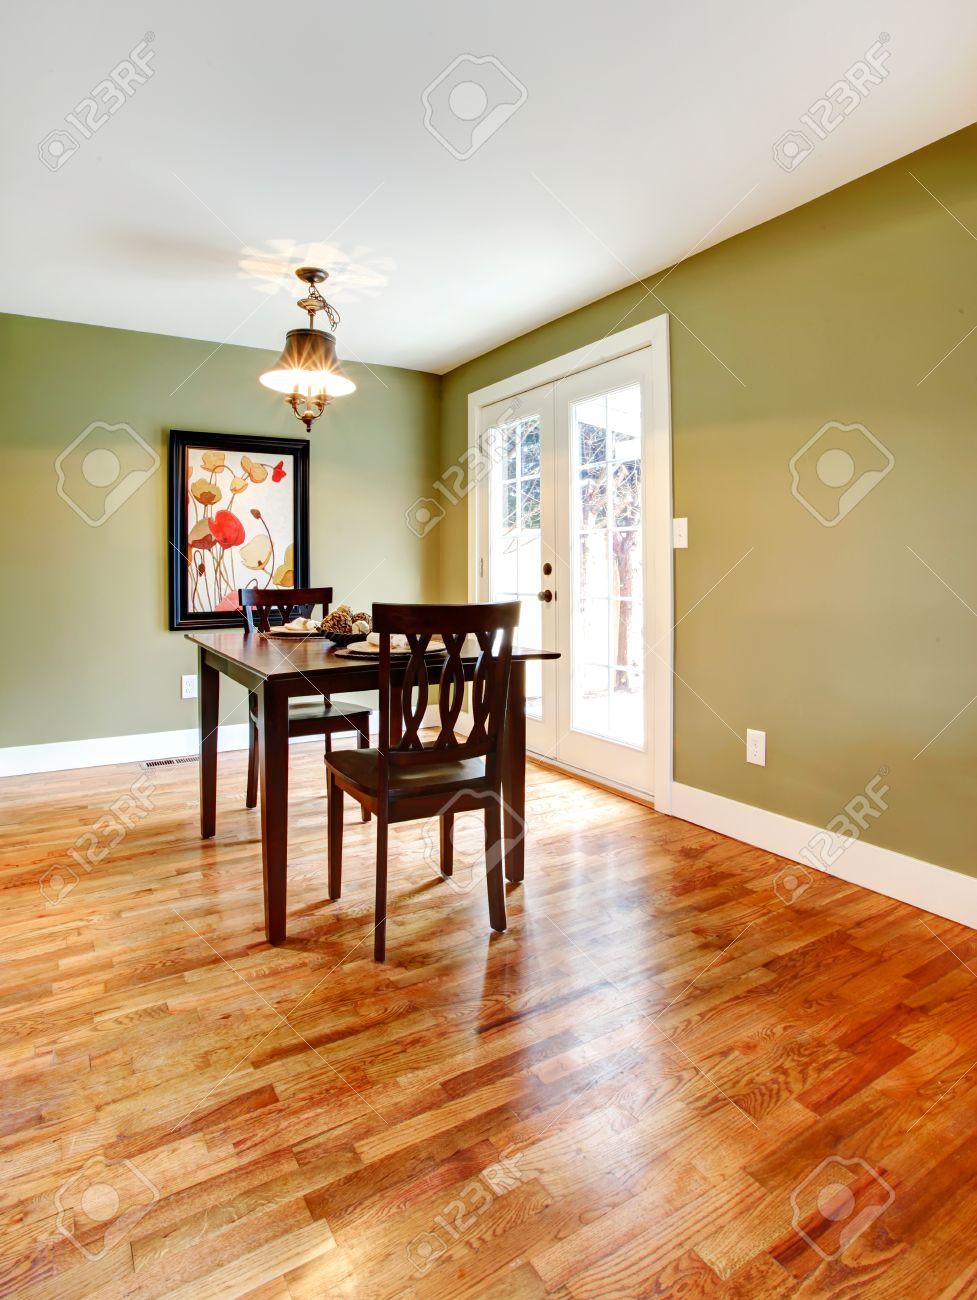 kleines esszimmer, kleines esszimmer mit parkettboden und oliven wänden. mit einem, Design ideen